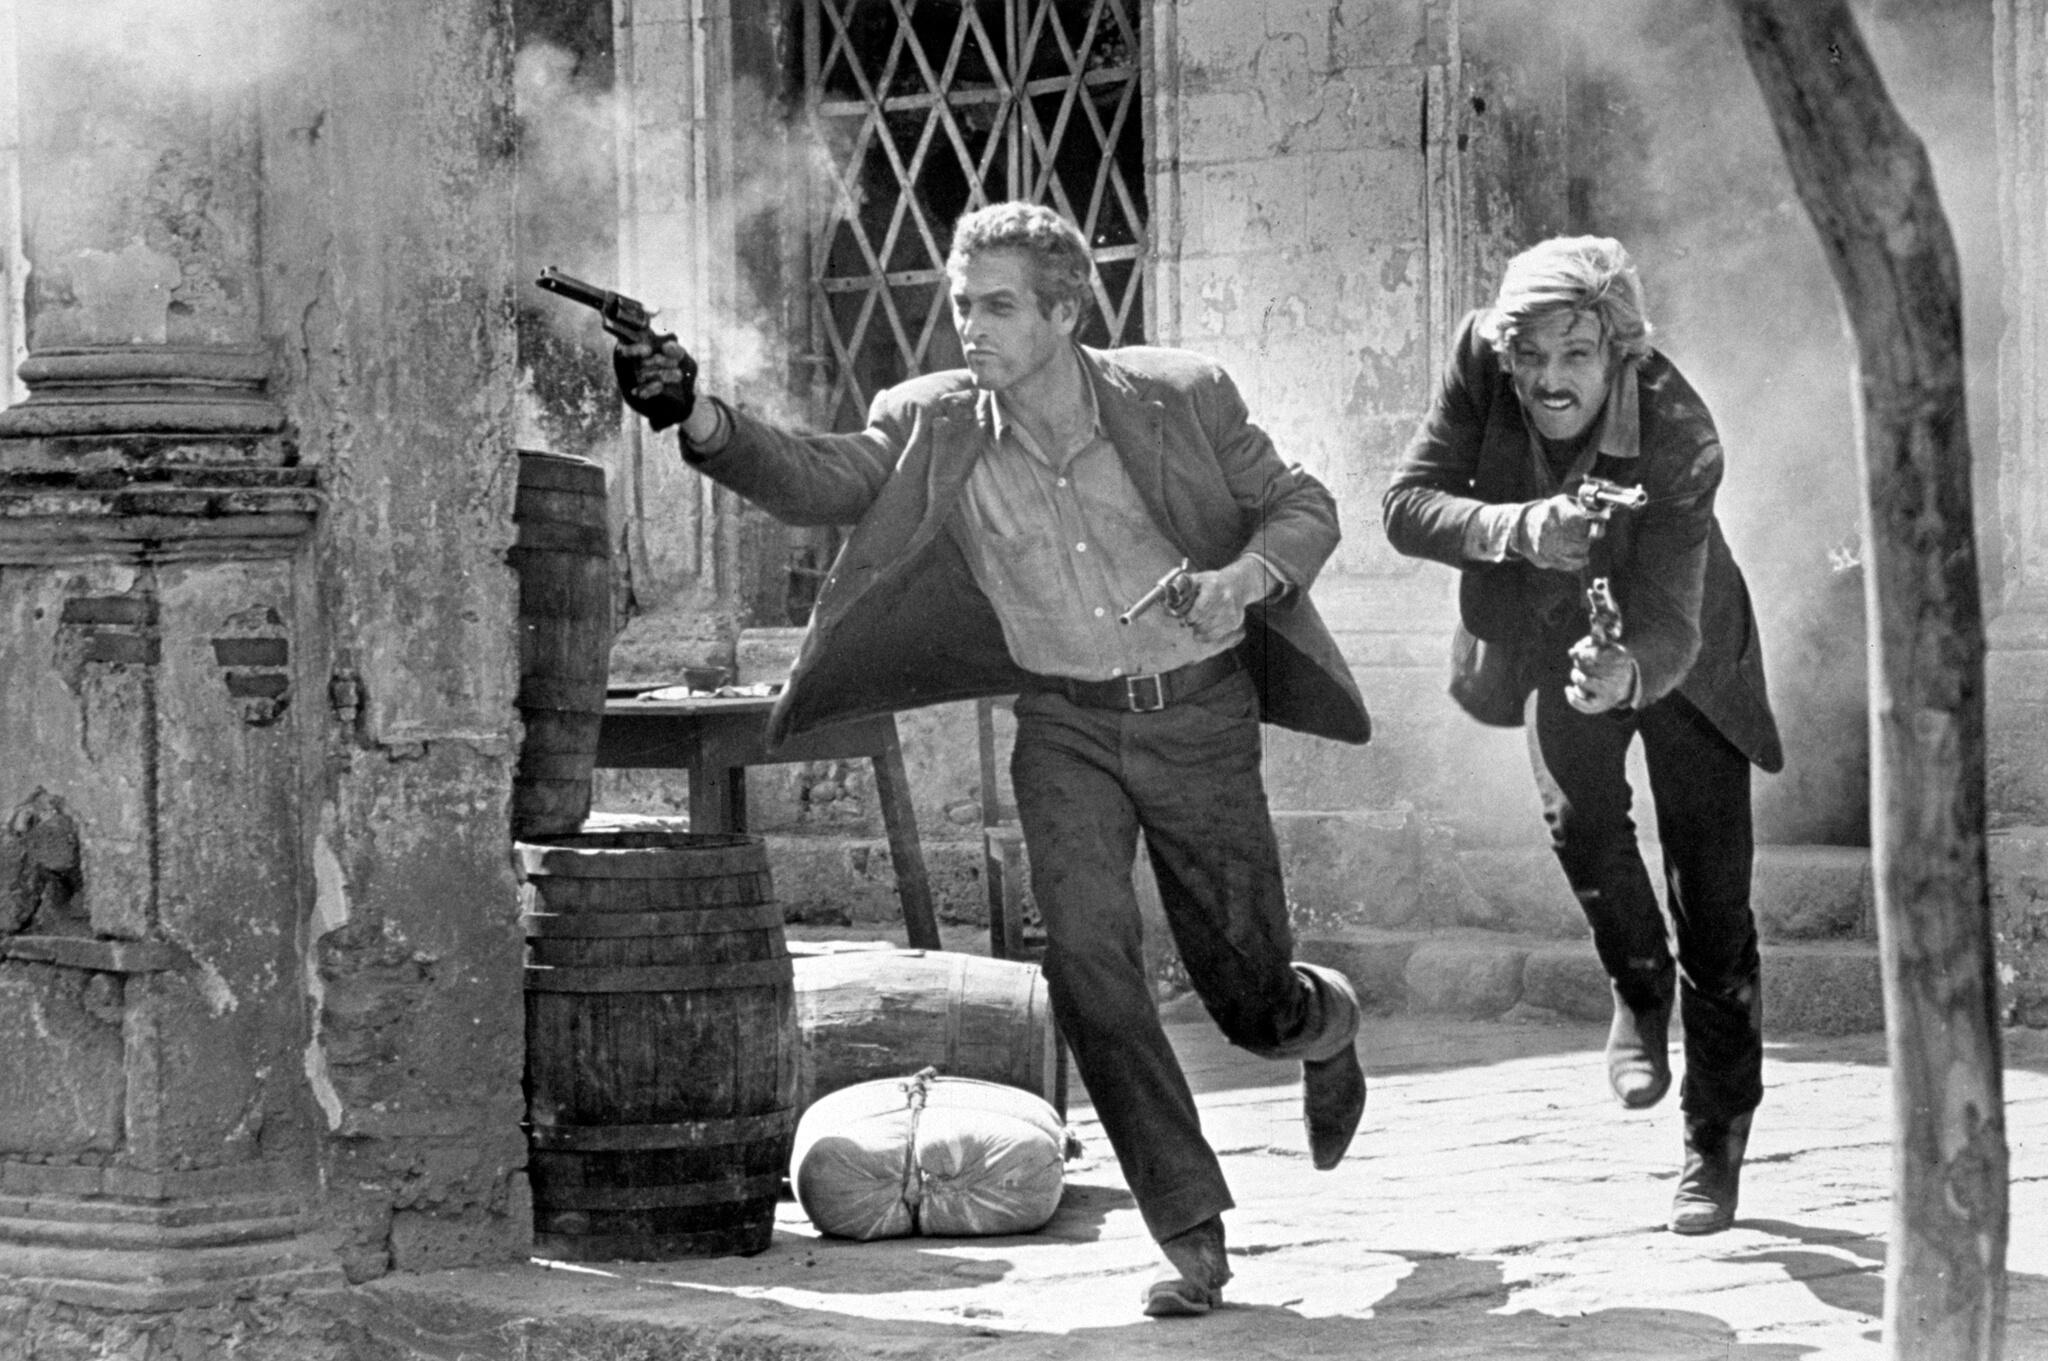 《神槍手與智多星》兩個主角走投無路一樣「寧死不屈」,死都要陀槍,終生偷呃拐騙。